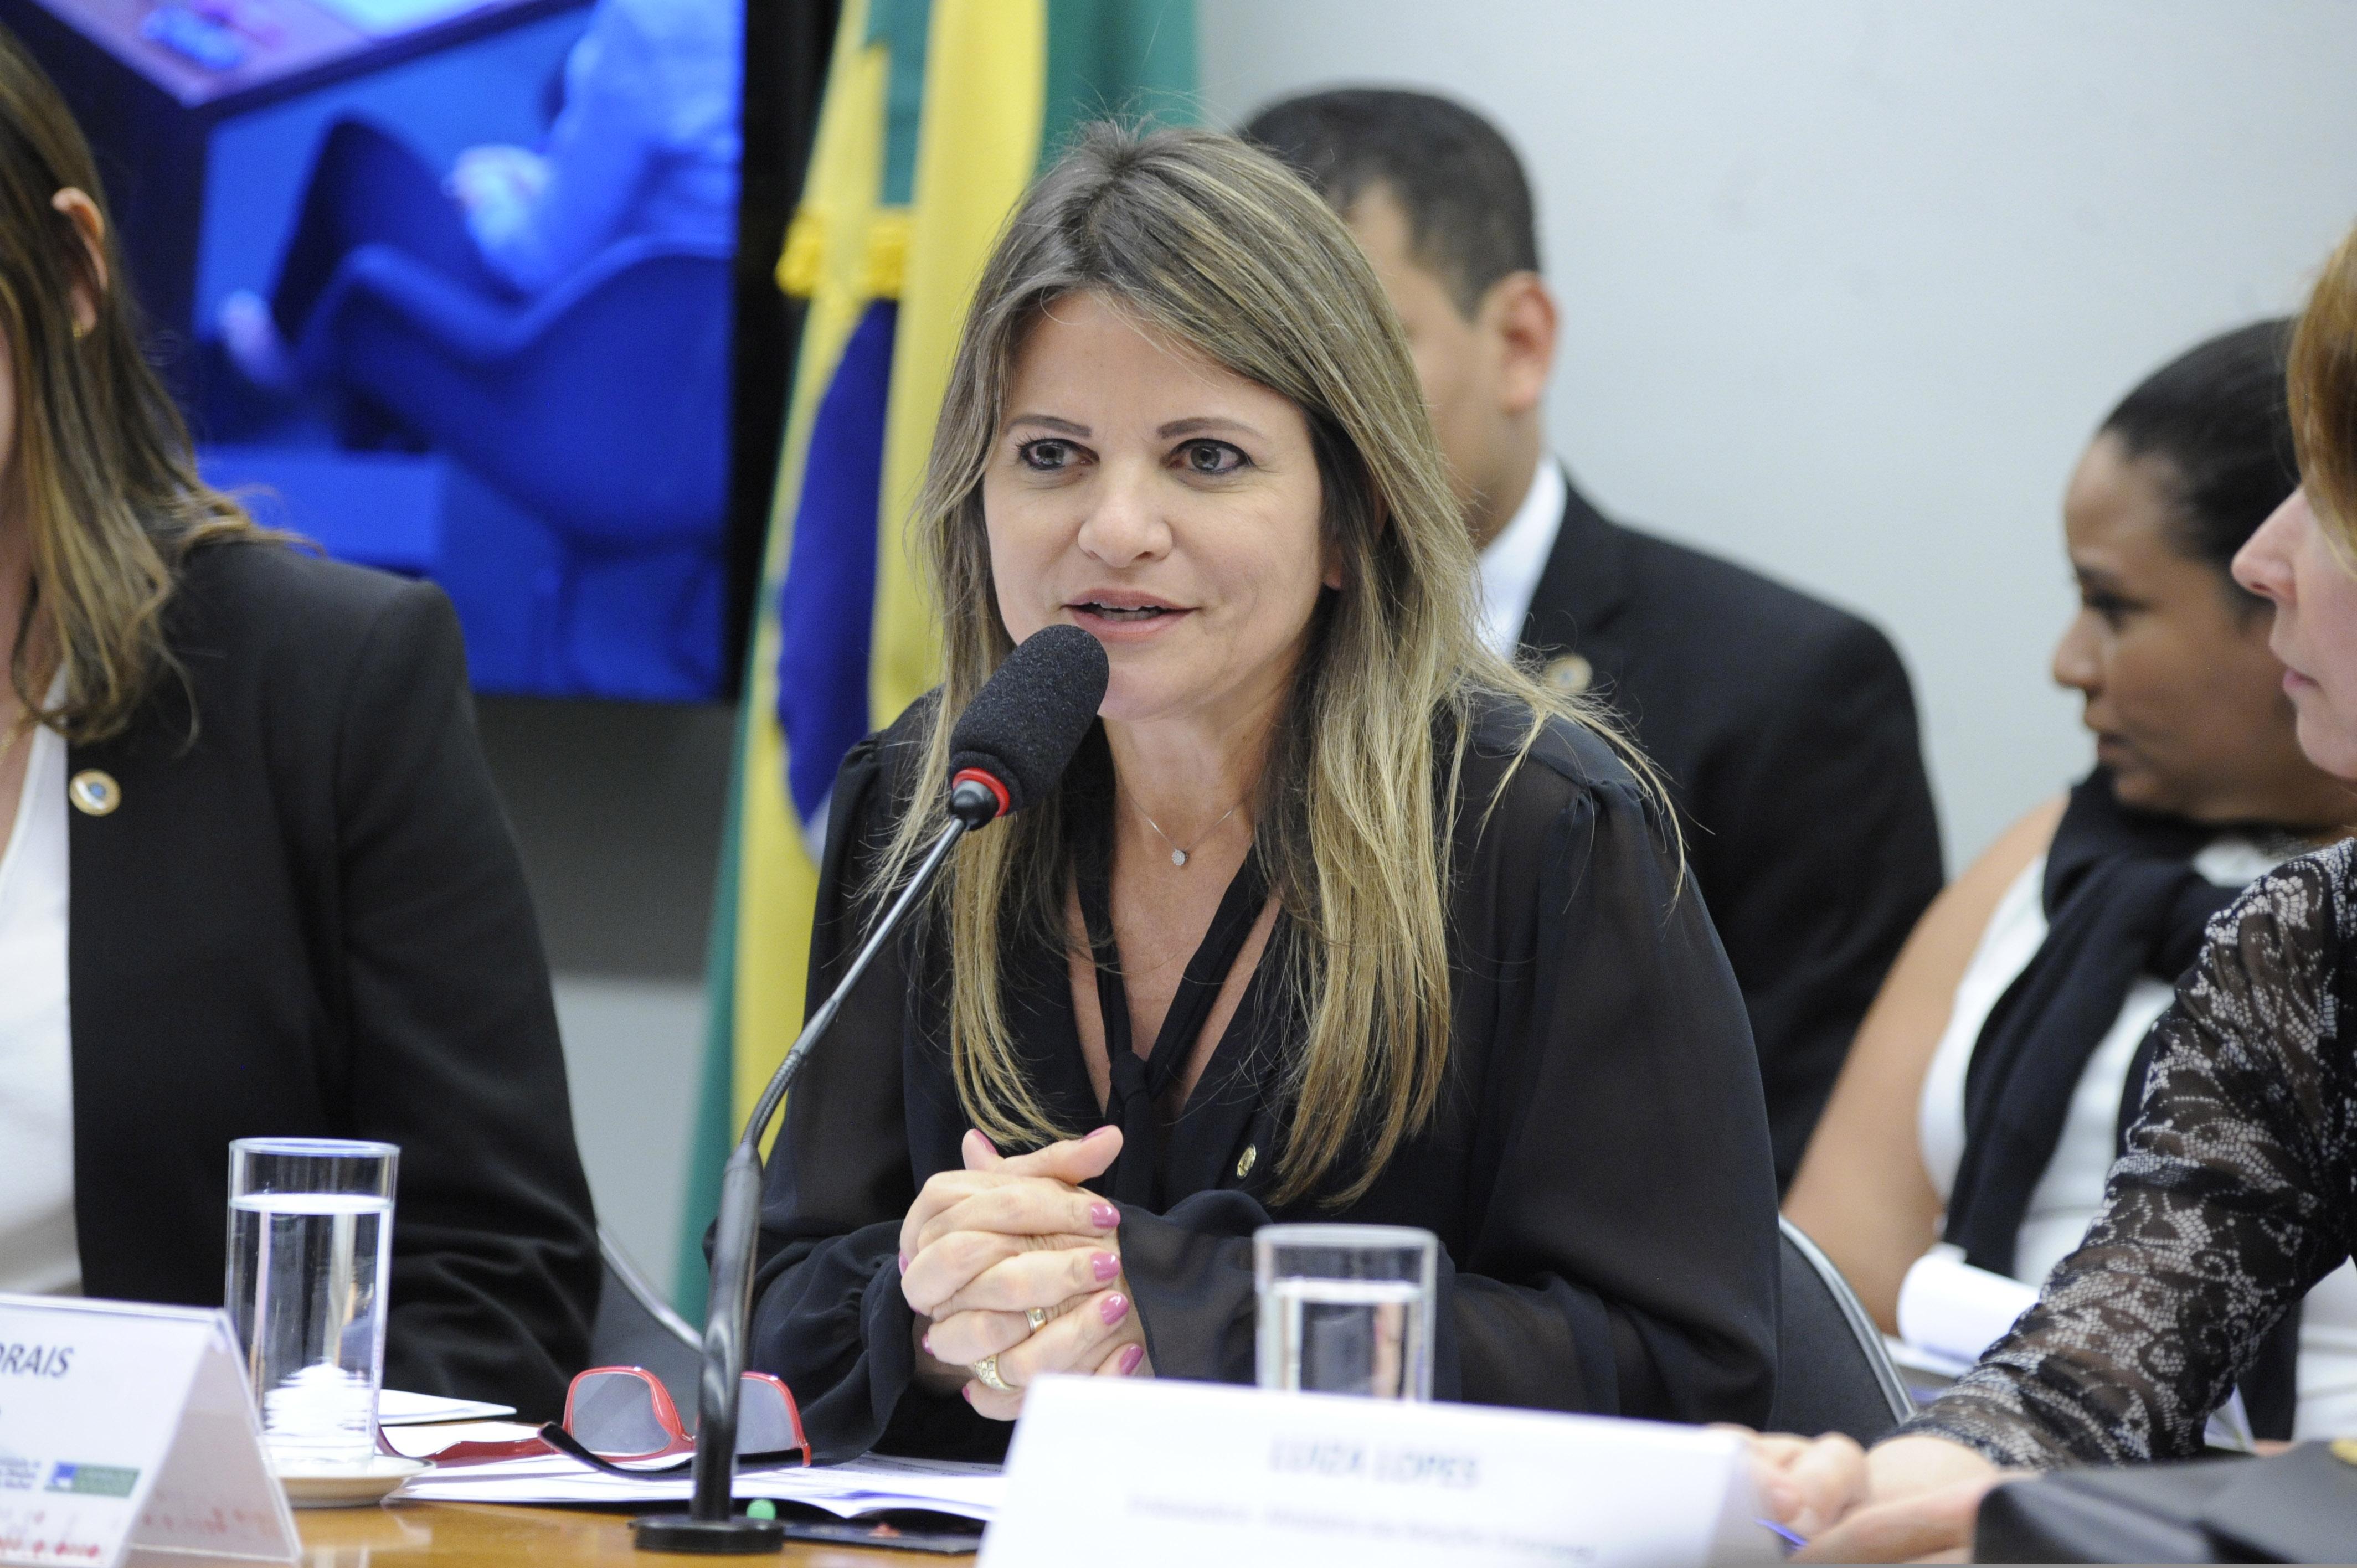 Audiência Pública sobre a situação de violência contra mulheres brasileiras no exterior. Dep. Flávia Morais (PDT - GO)